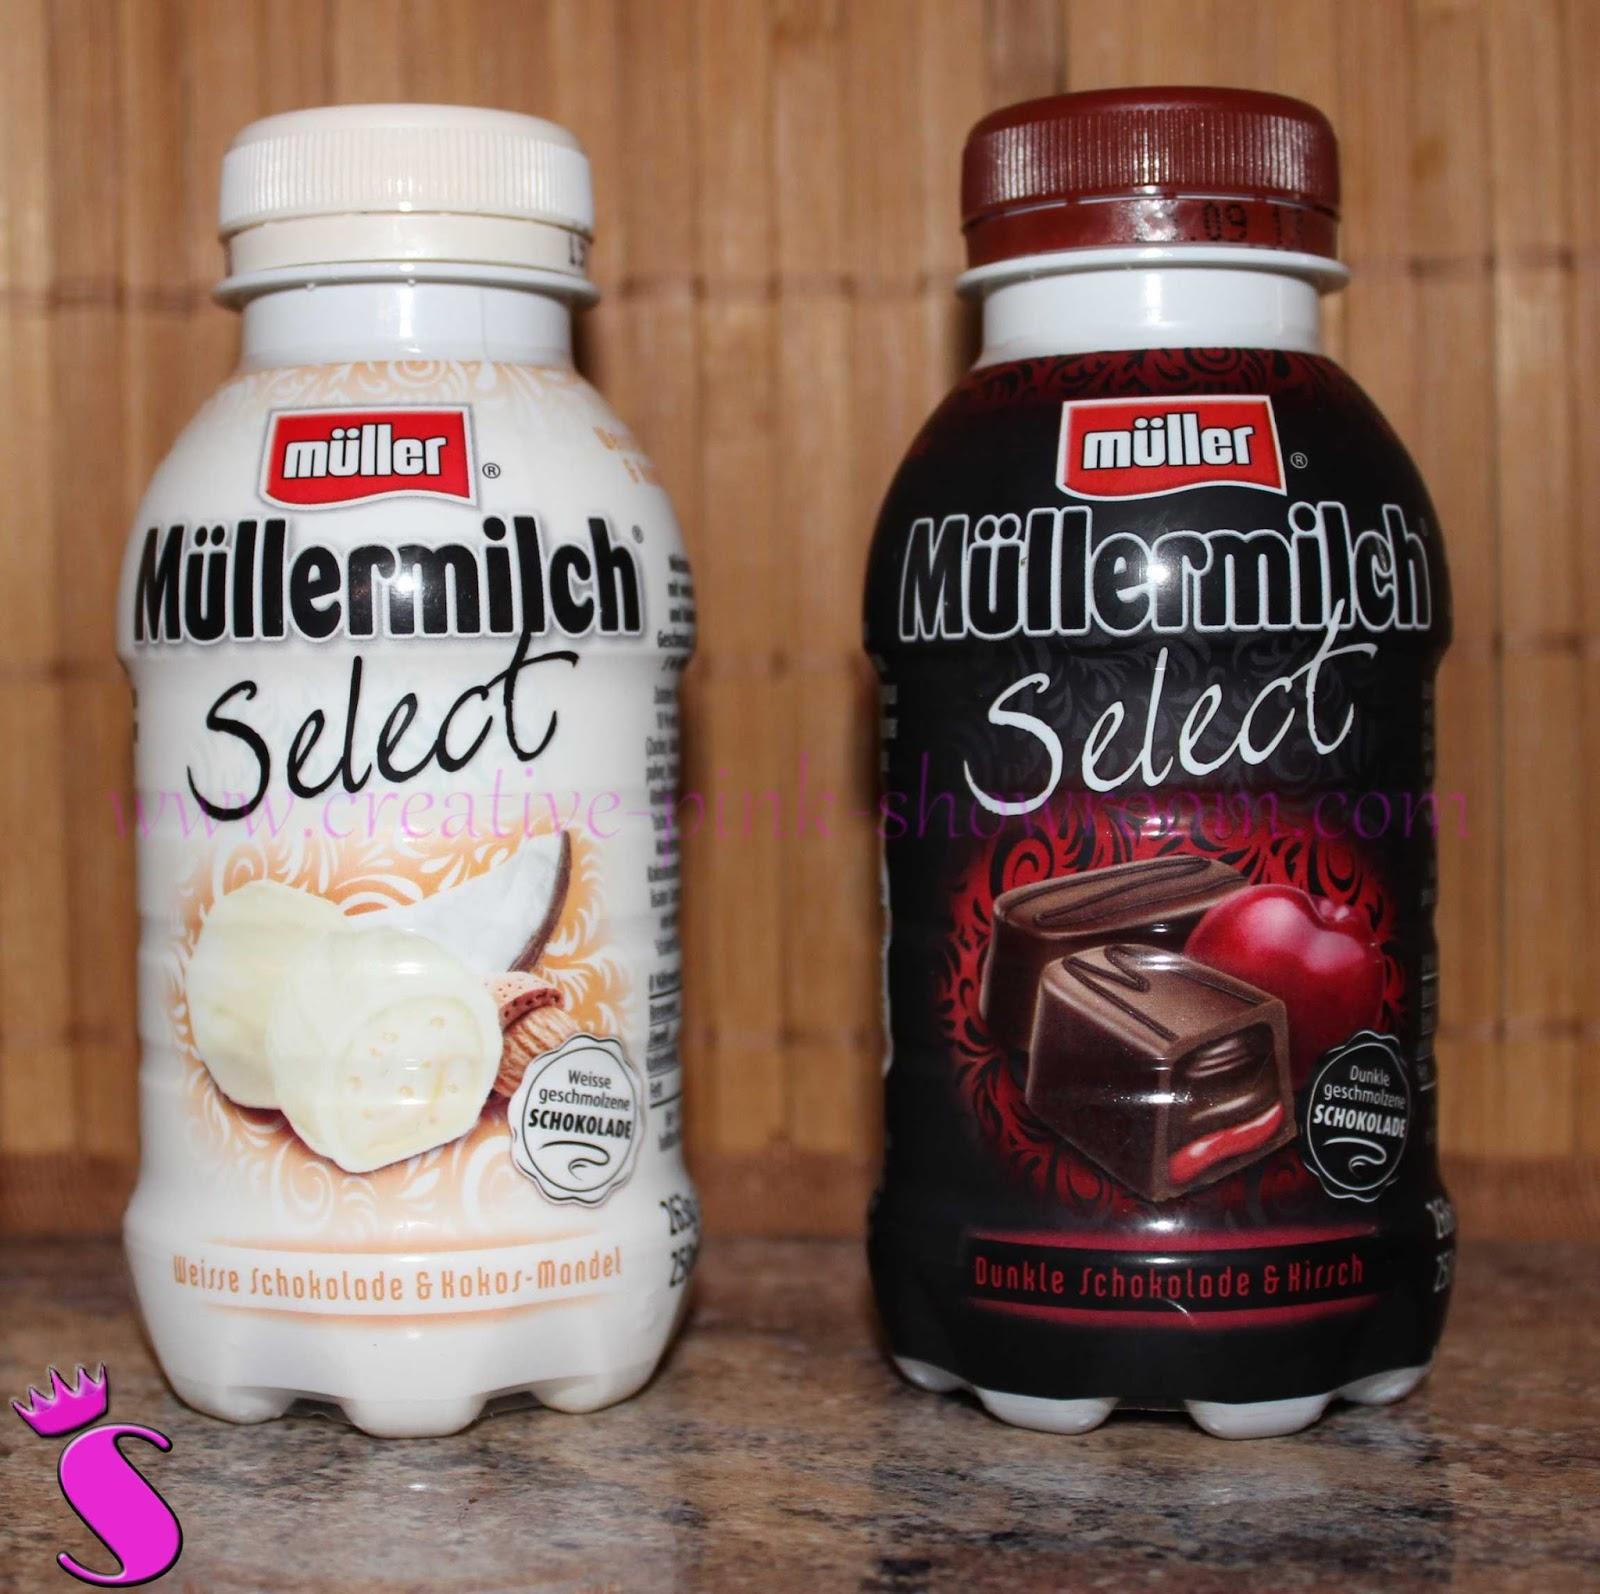 Neue Müllermilch